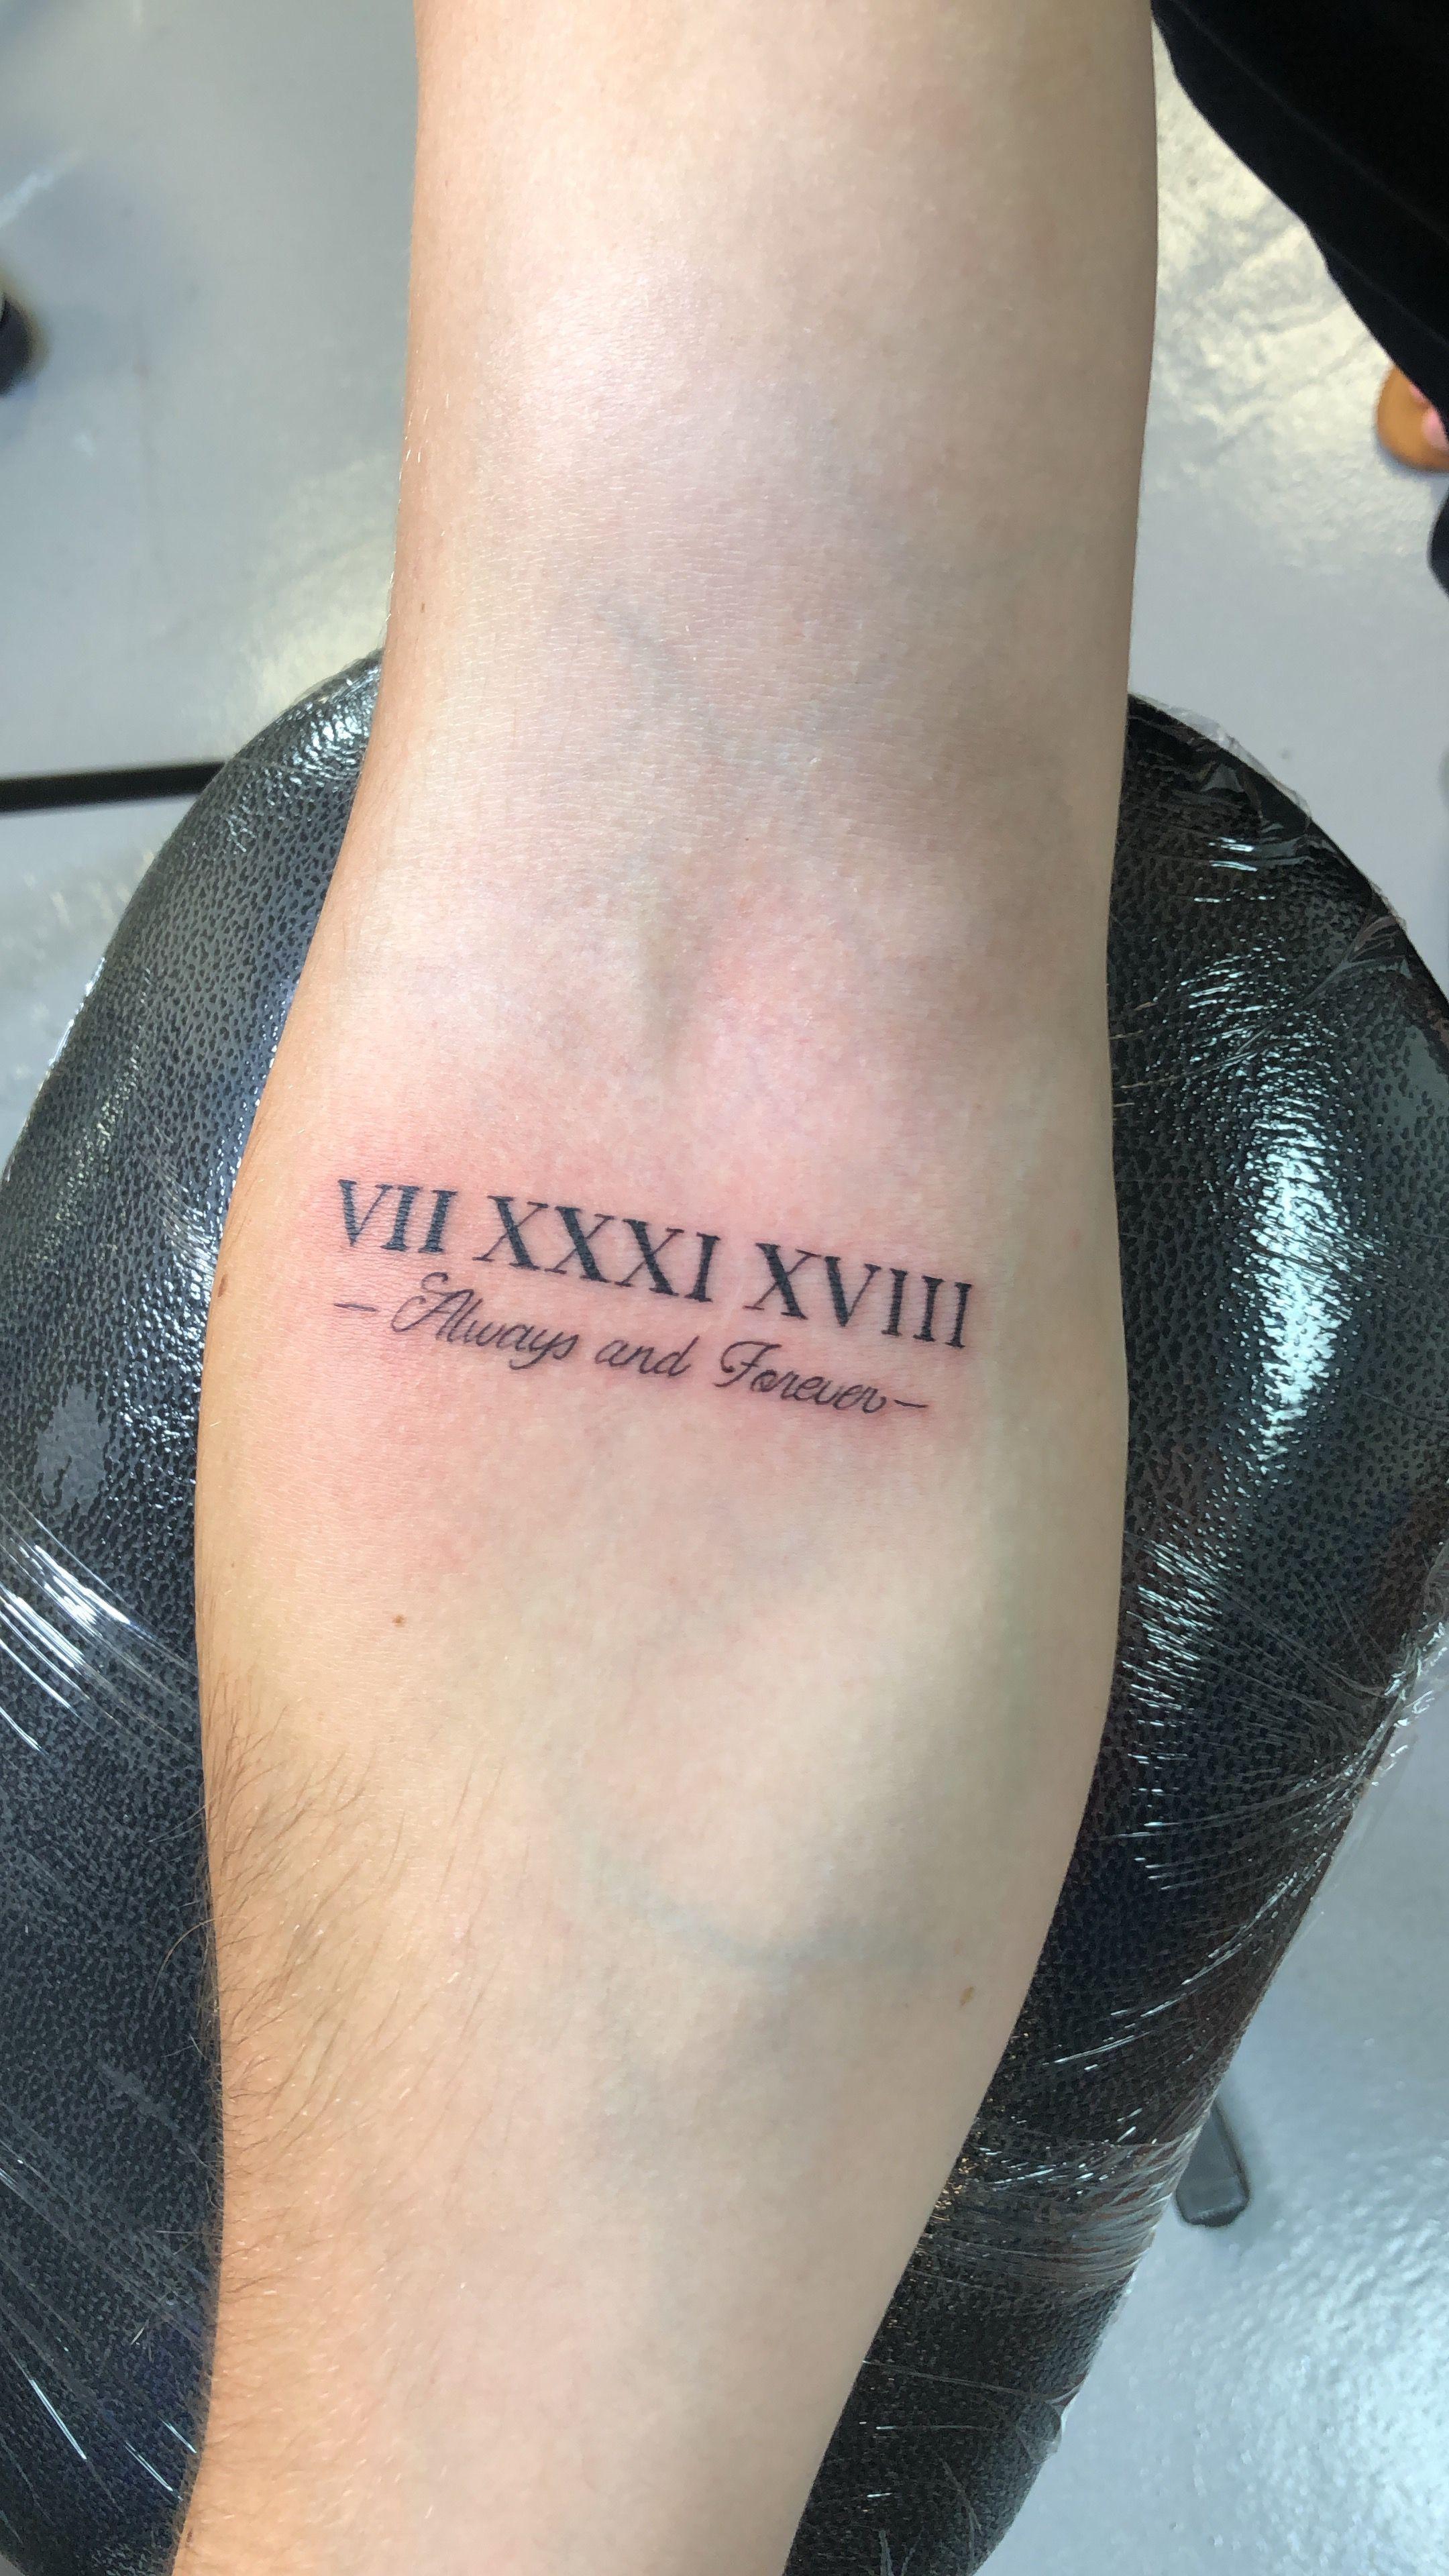 """Photo of """"VII XXXI XVIII altijd en voor altijd"""" Mens onderarm tattoo – Romeinse cijfers tatoeage gedaan door"""